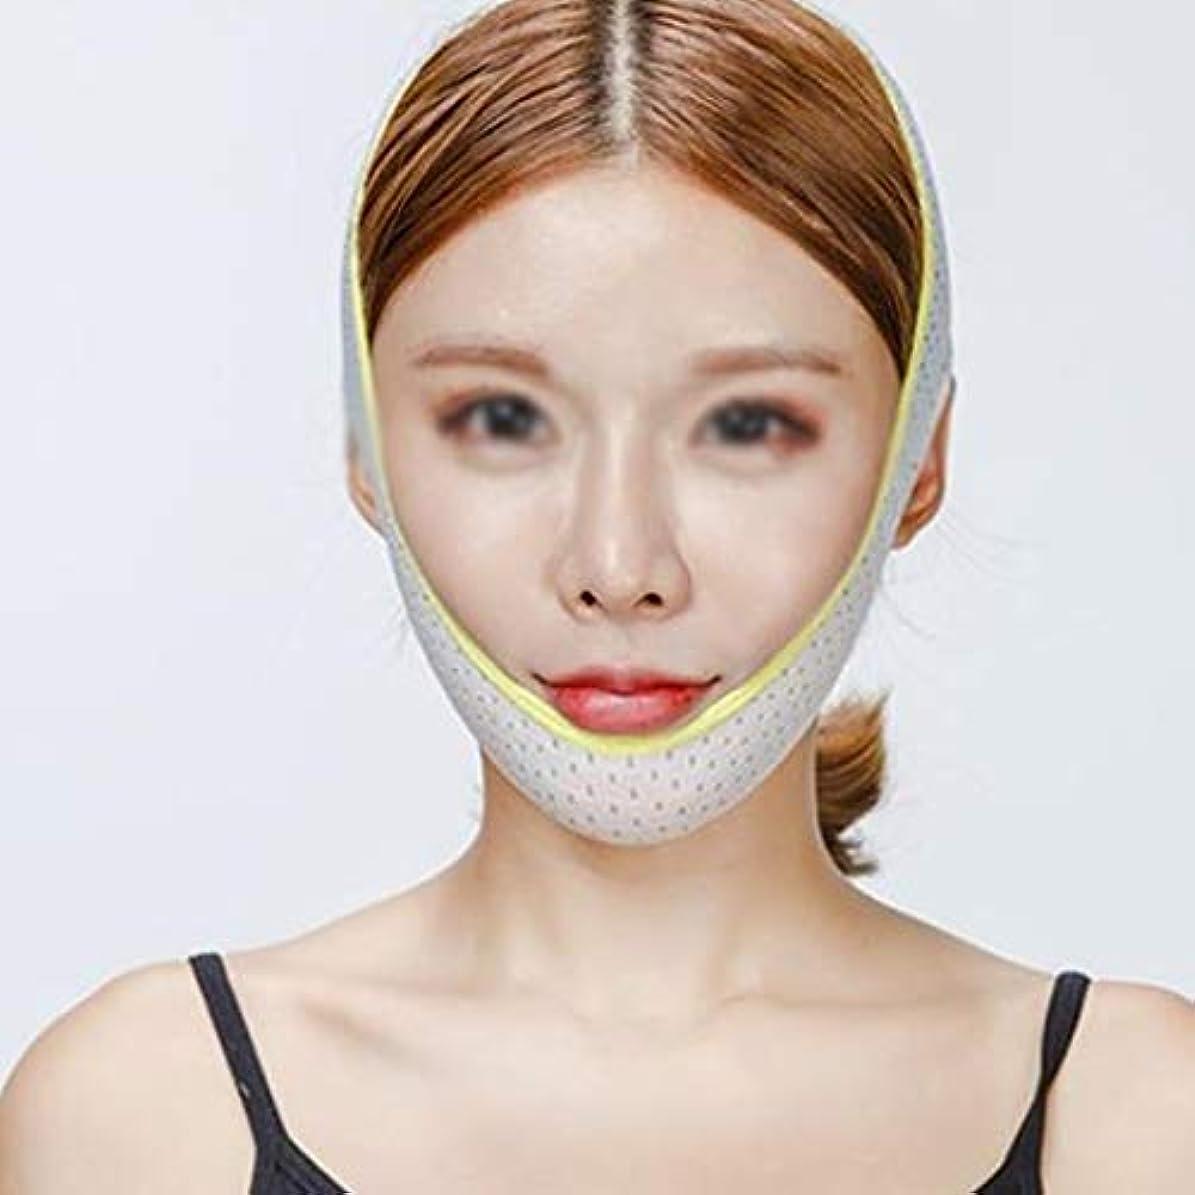 割り込み医学送金ZWBD フェイスマスク, Vフェイスアーティファクトフェイスリフトステッカー本物のフェイスリフト韓国フェイスフェイシャルリフティングファーミングインストゥルメントフェイシャルリフティング睡眠包帯